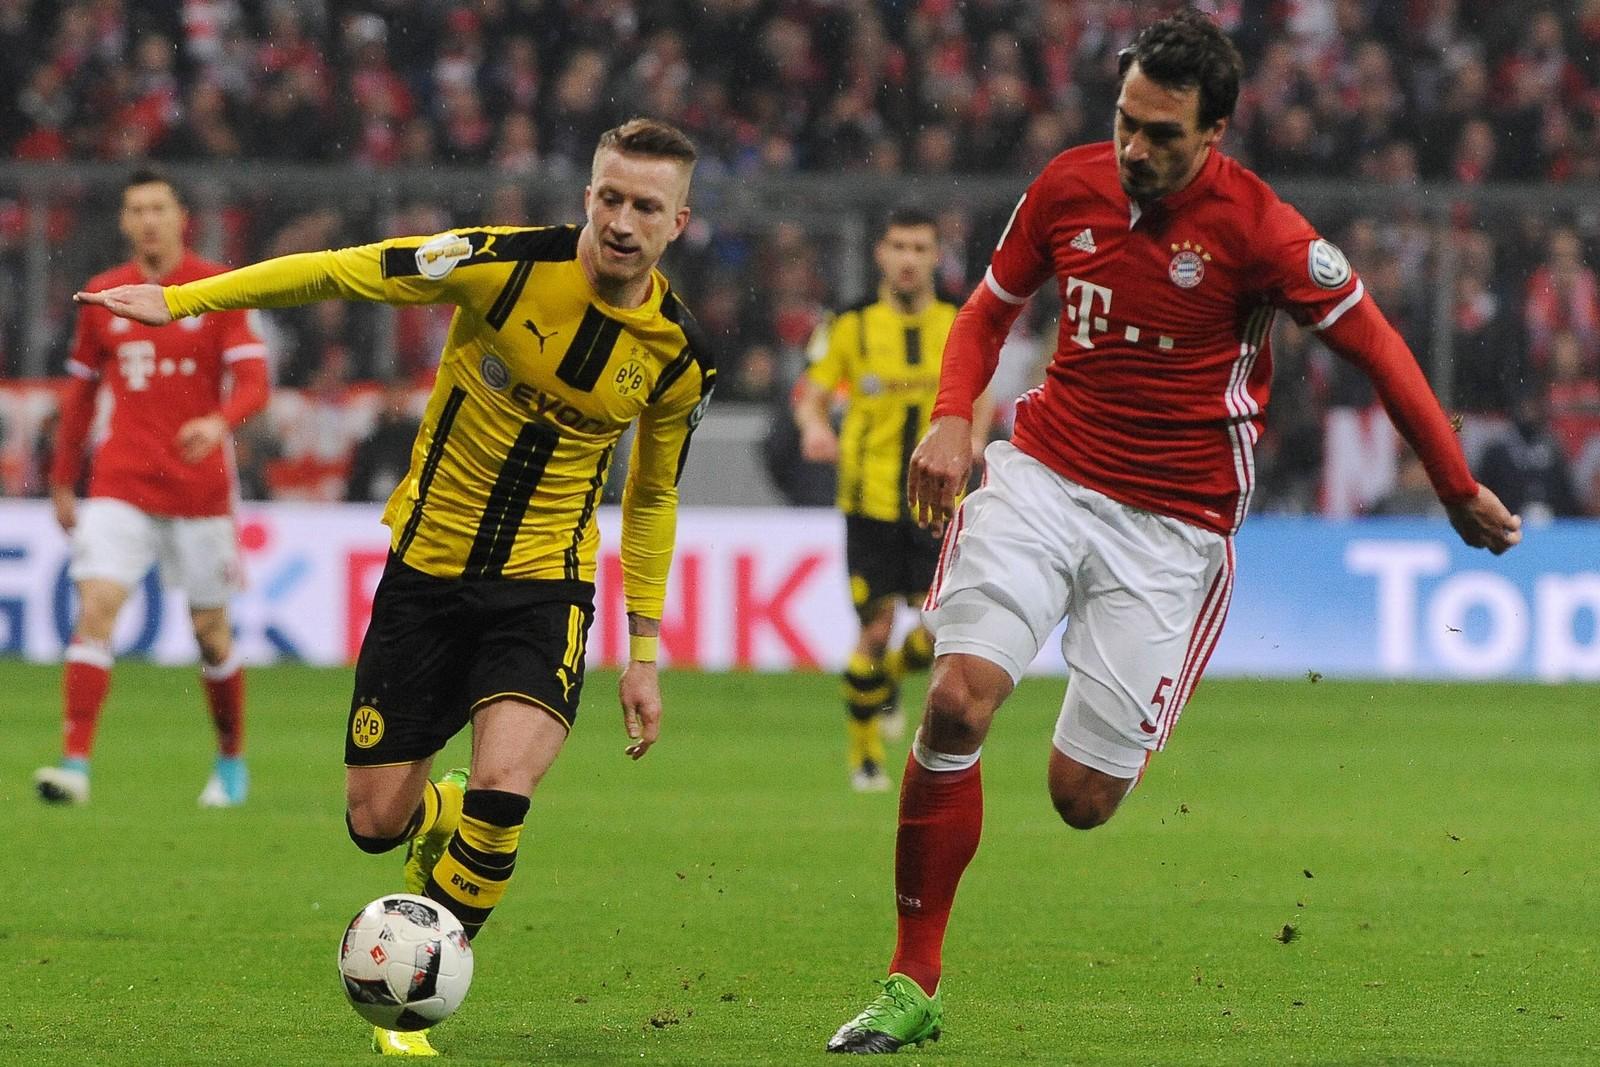 Kann Marco Reus mit dem BVB den Baywern davonziehen? Jetzt auf BVB gegen Bayern wetten!